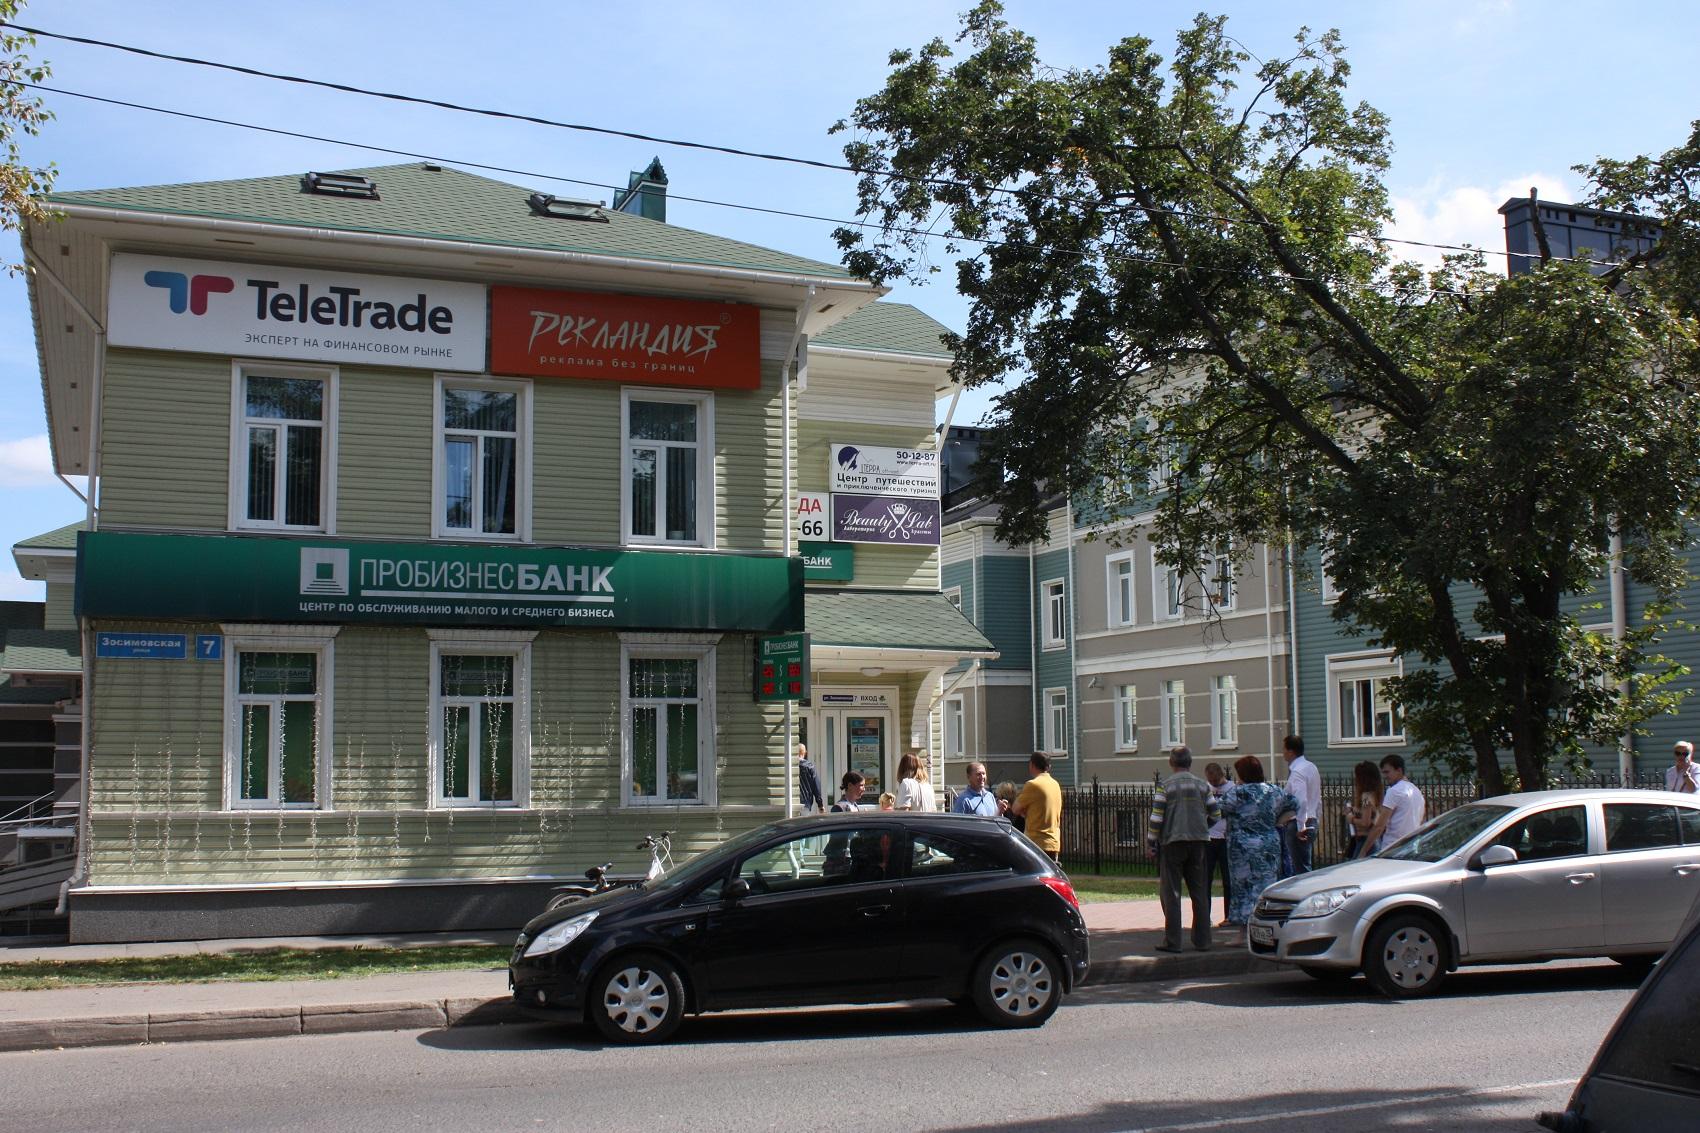 Вологжане присоединились к петиции с жалобами на «Пробизнесбанк», адресованной госдуме